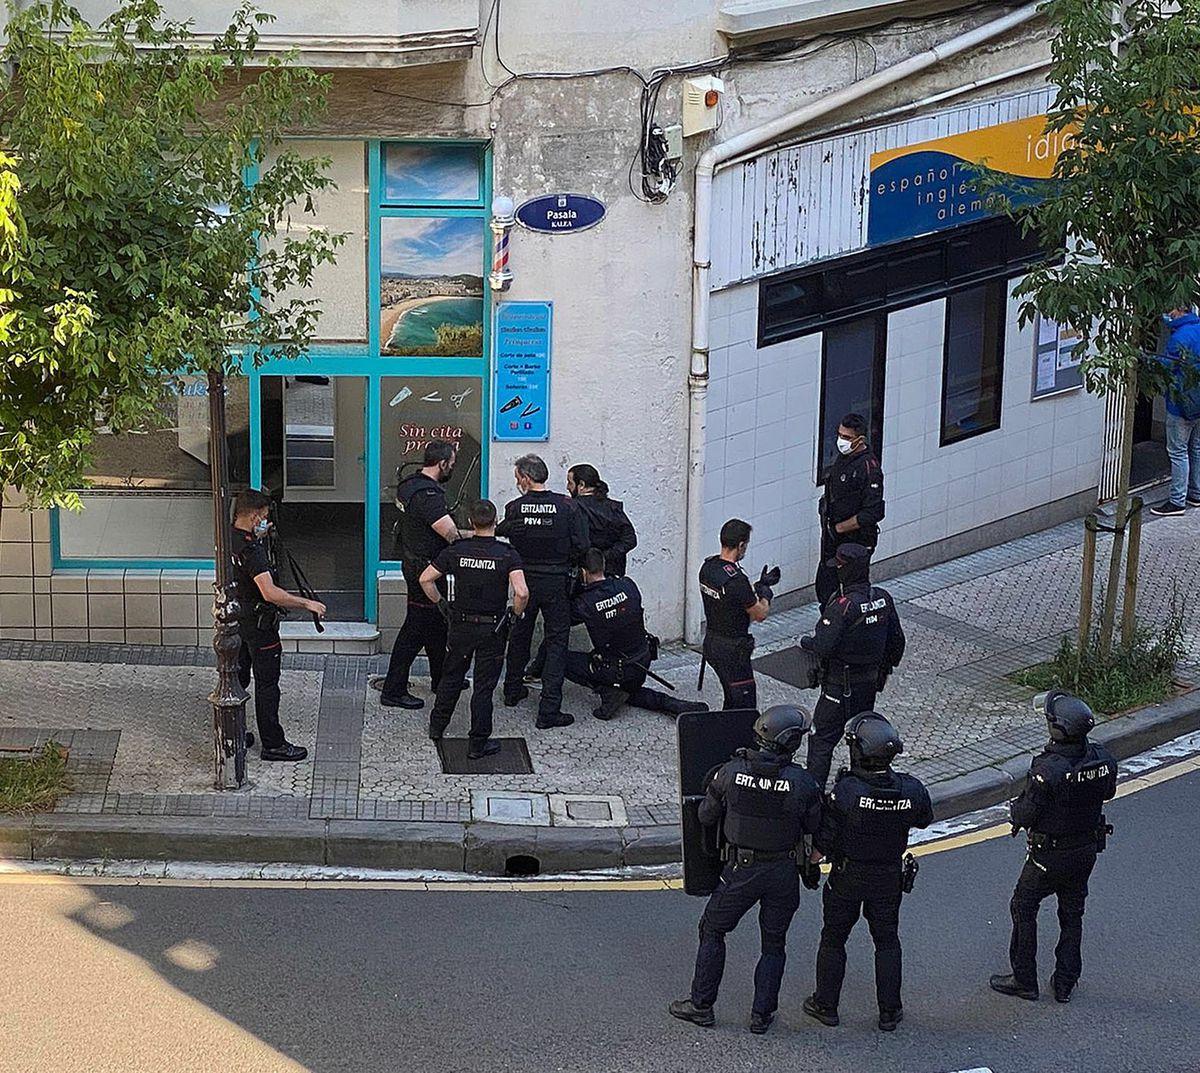 Navarra: Acusado del asesinato de su nuera: horrendo pasado judicial y 33 horas de búsqueda intensiva |  Comunidad